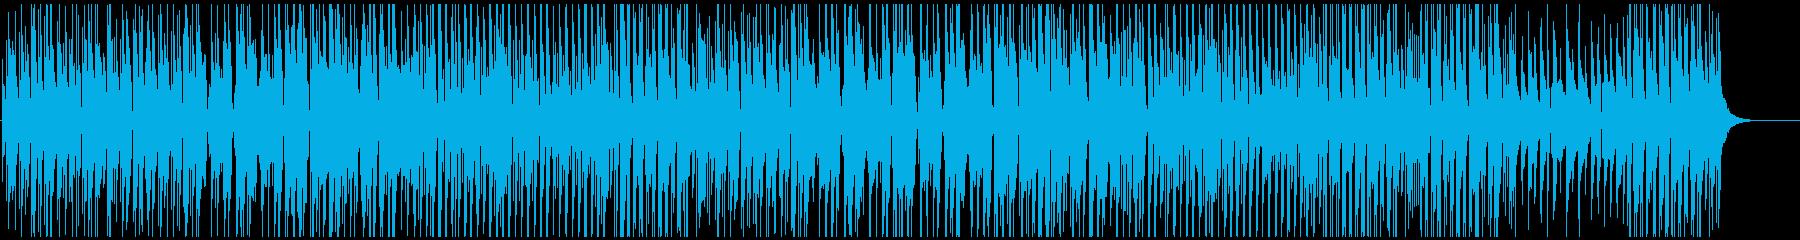 和風沖縄三線 陽気なバンド系明るく楽しいの再生済みの波形